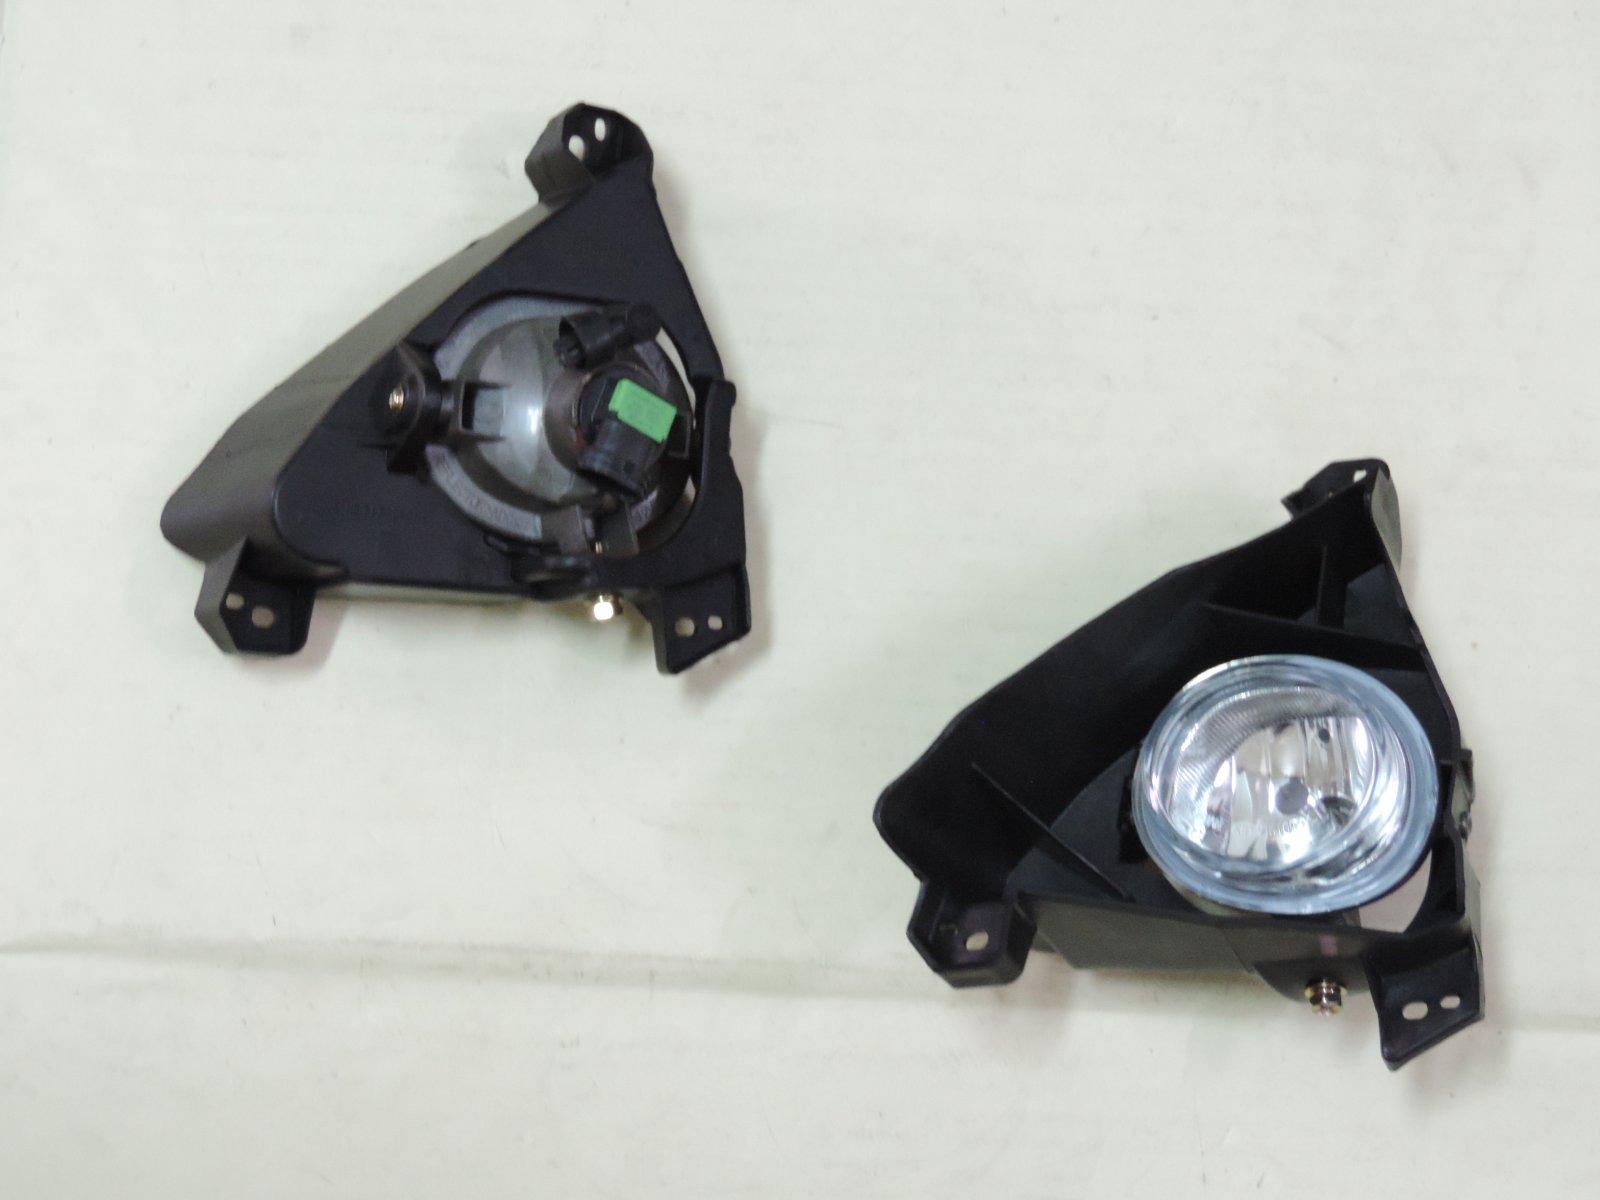 2012 2013 2014 MAZDA 5 FOG LAMP COVER LIGHT RIGHT SET Passenger Side